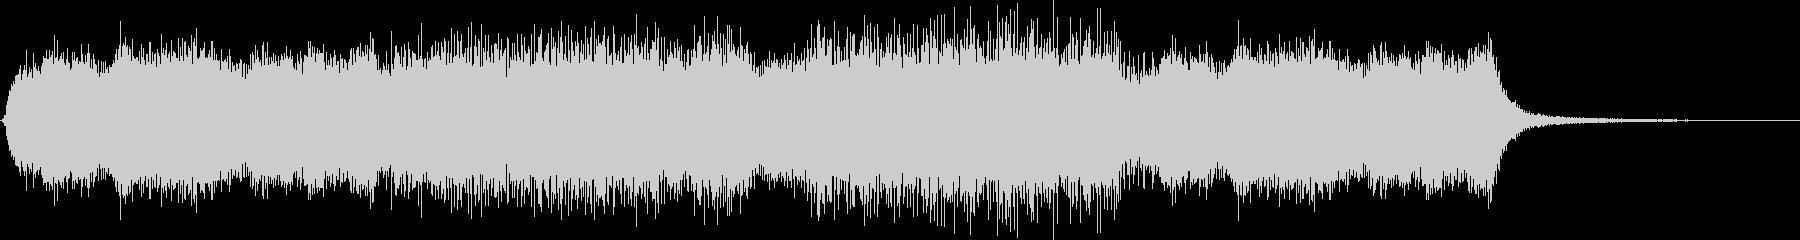 ガーン(バッドエンド、ゲームオーバー音)の未再生の波形